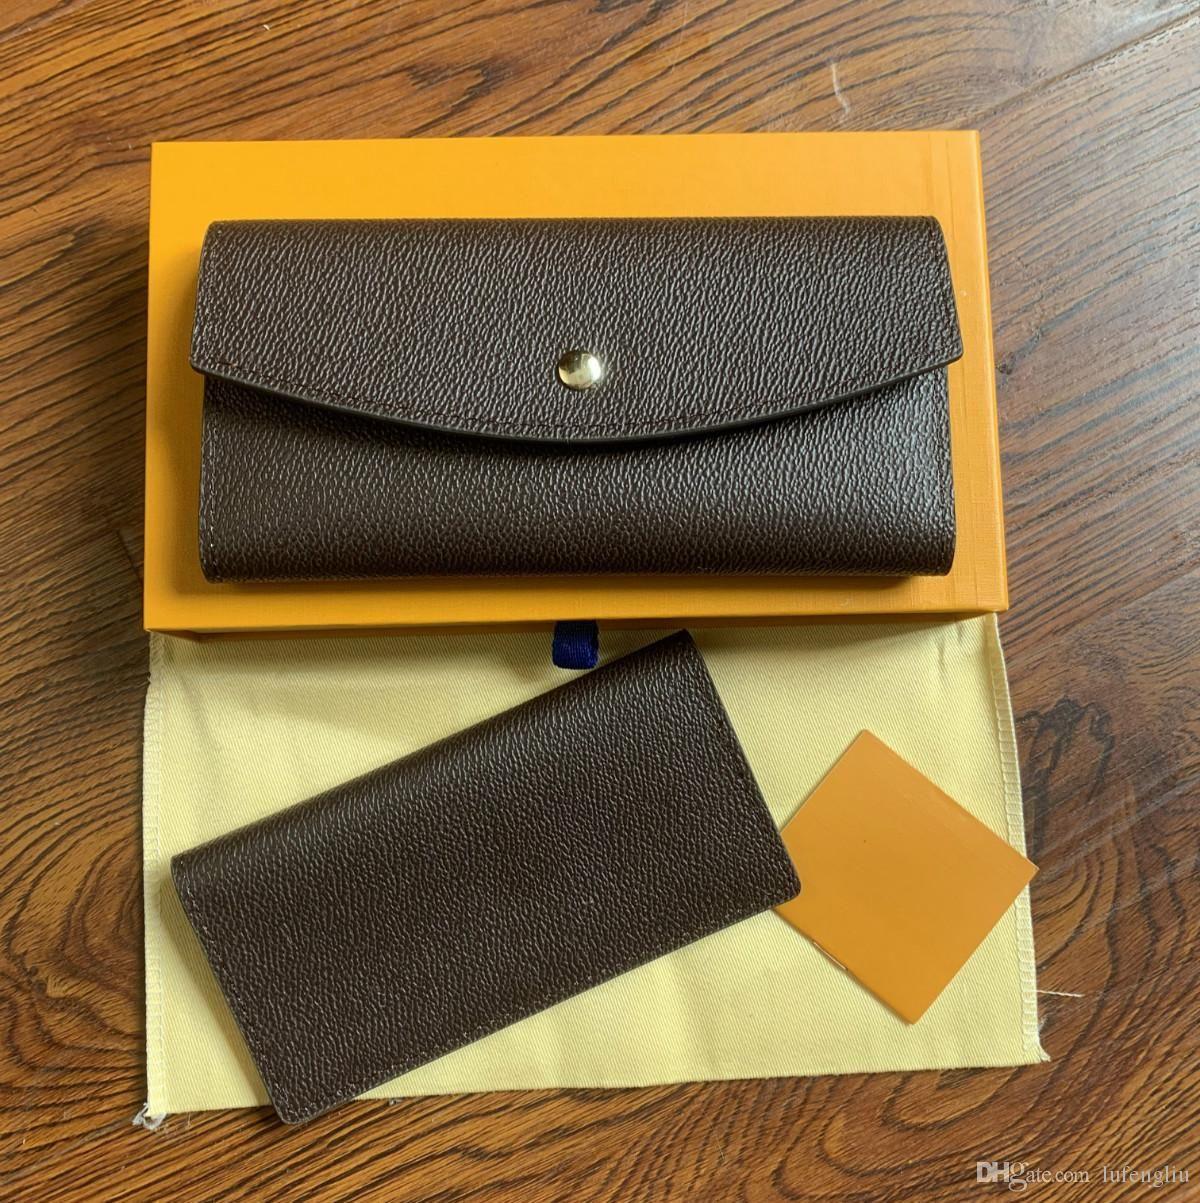 Франция дизайнер женская длинная чековая книжка кредитной карты фото держатель бумажника коричневый моно грамм белый клетчатый холст кожа с коробкой и пылью